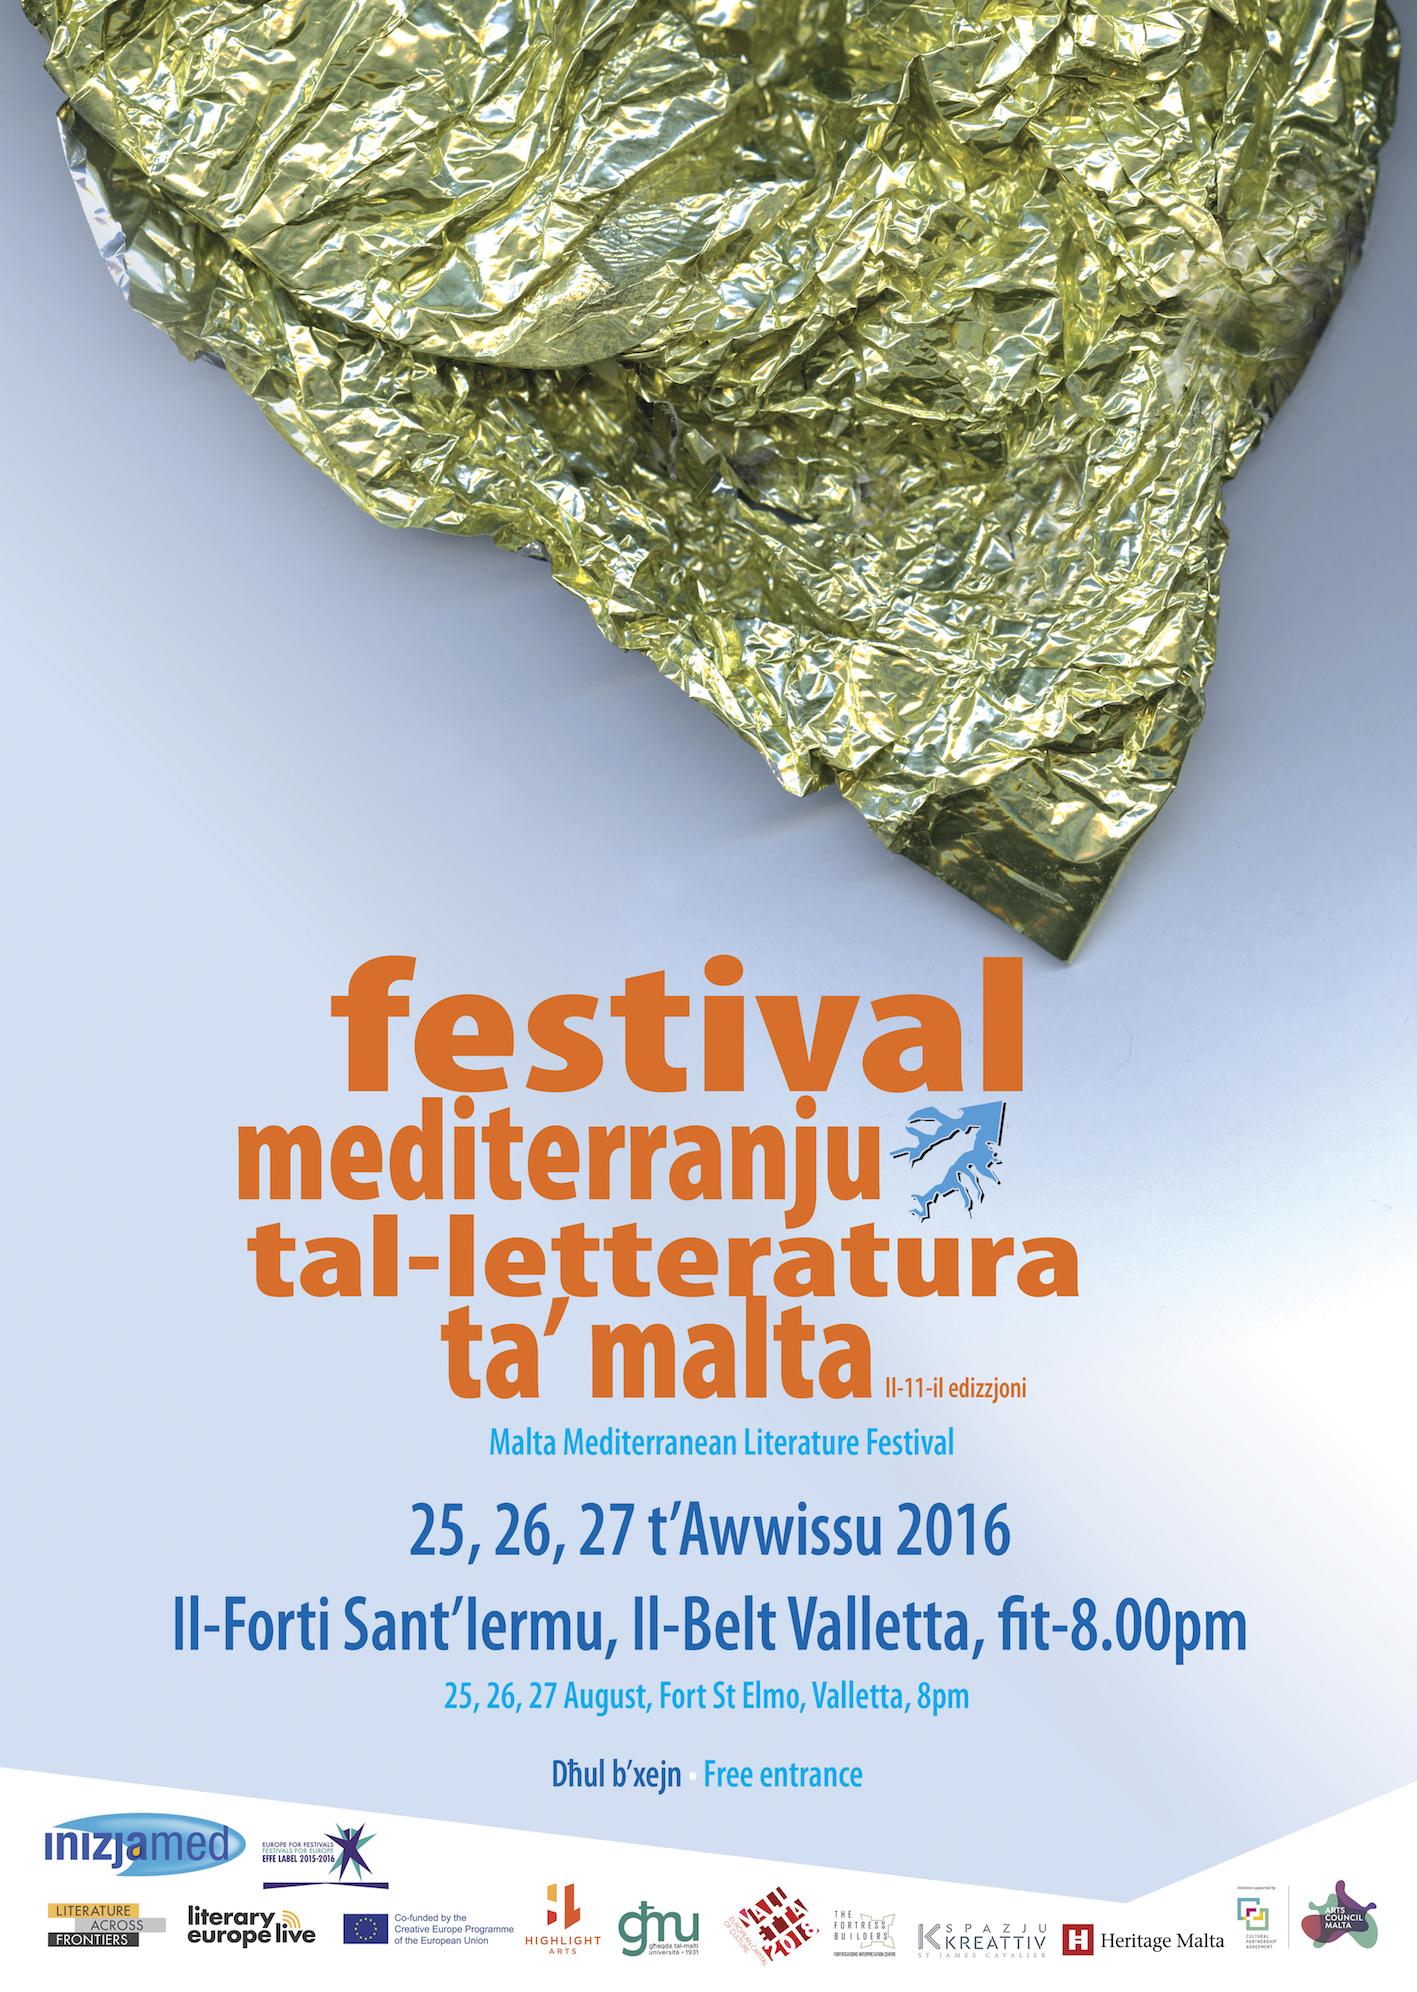 poster 2016 festival_izghar